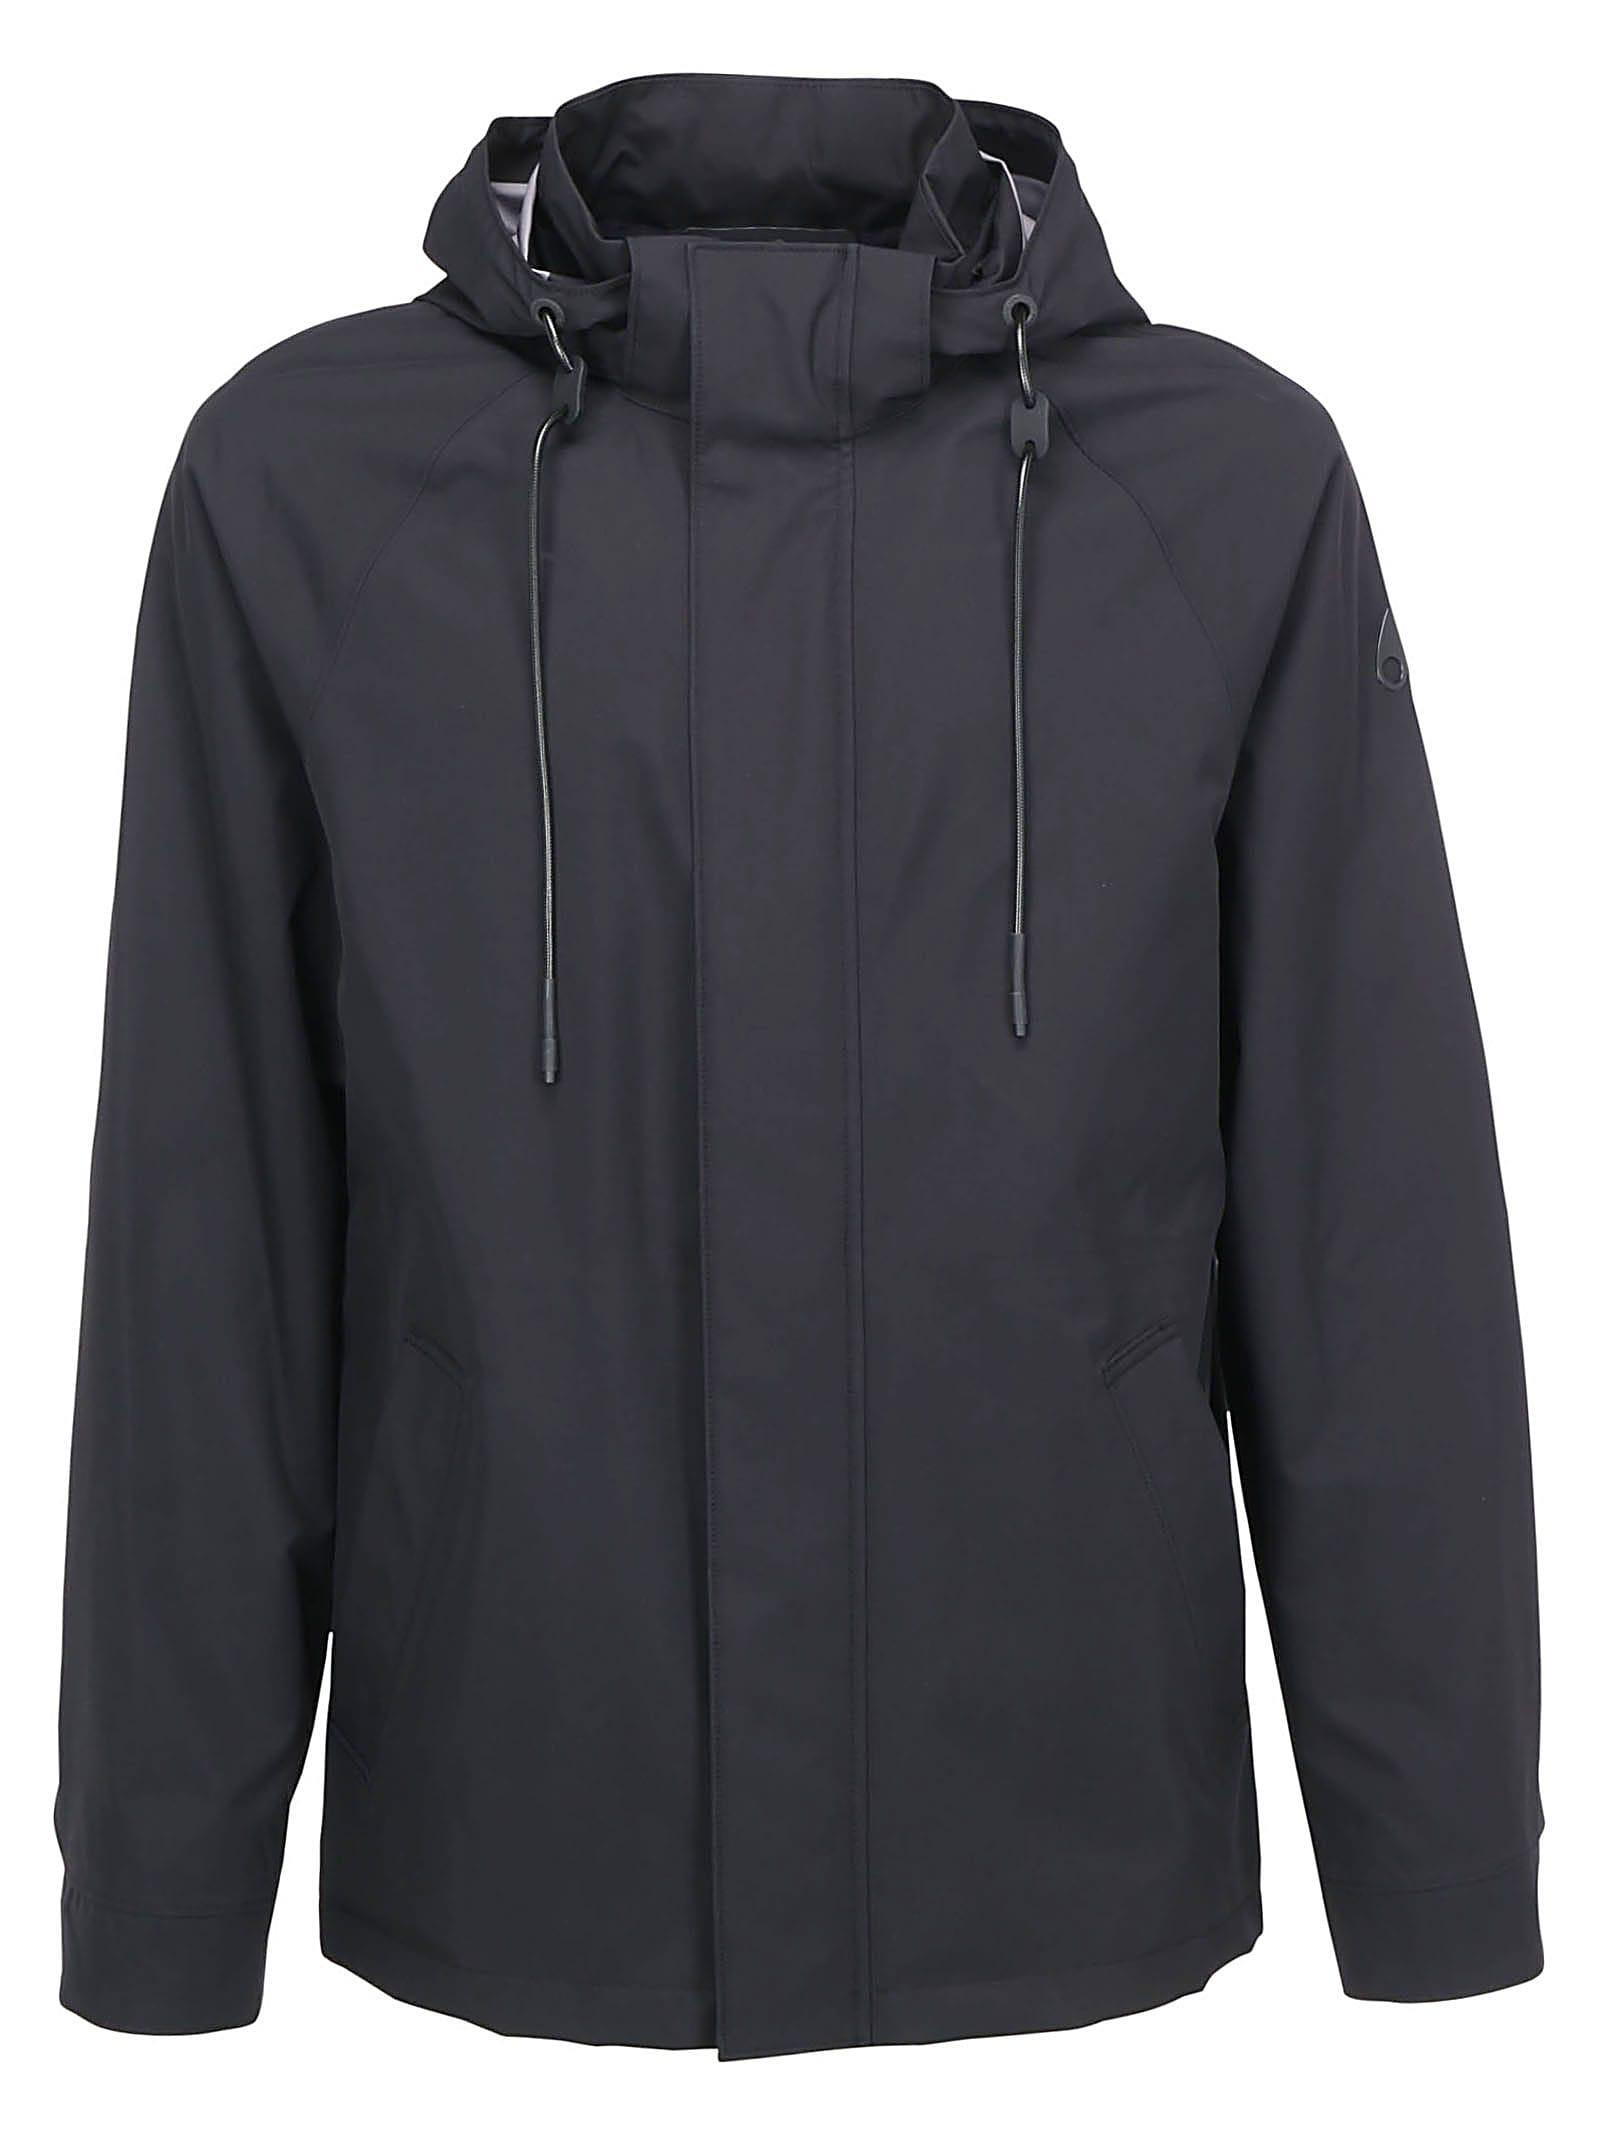 Moose Knukles Jacket